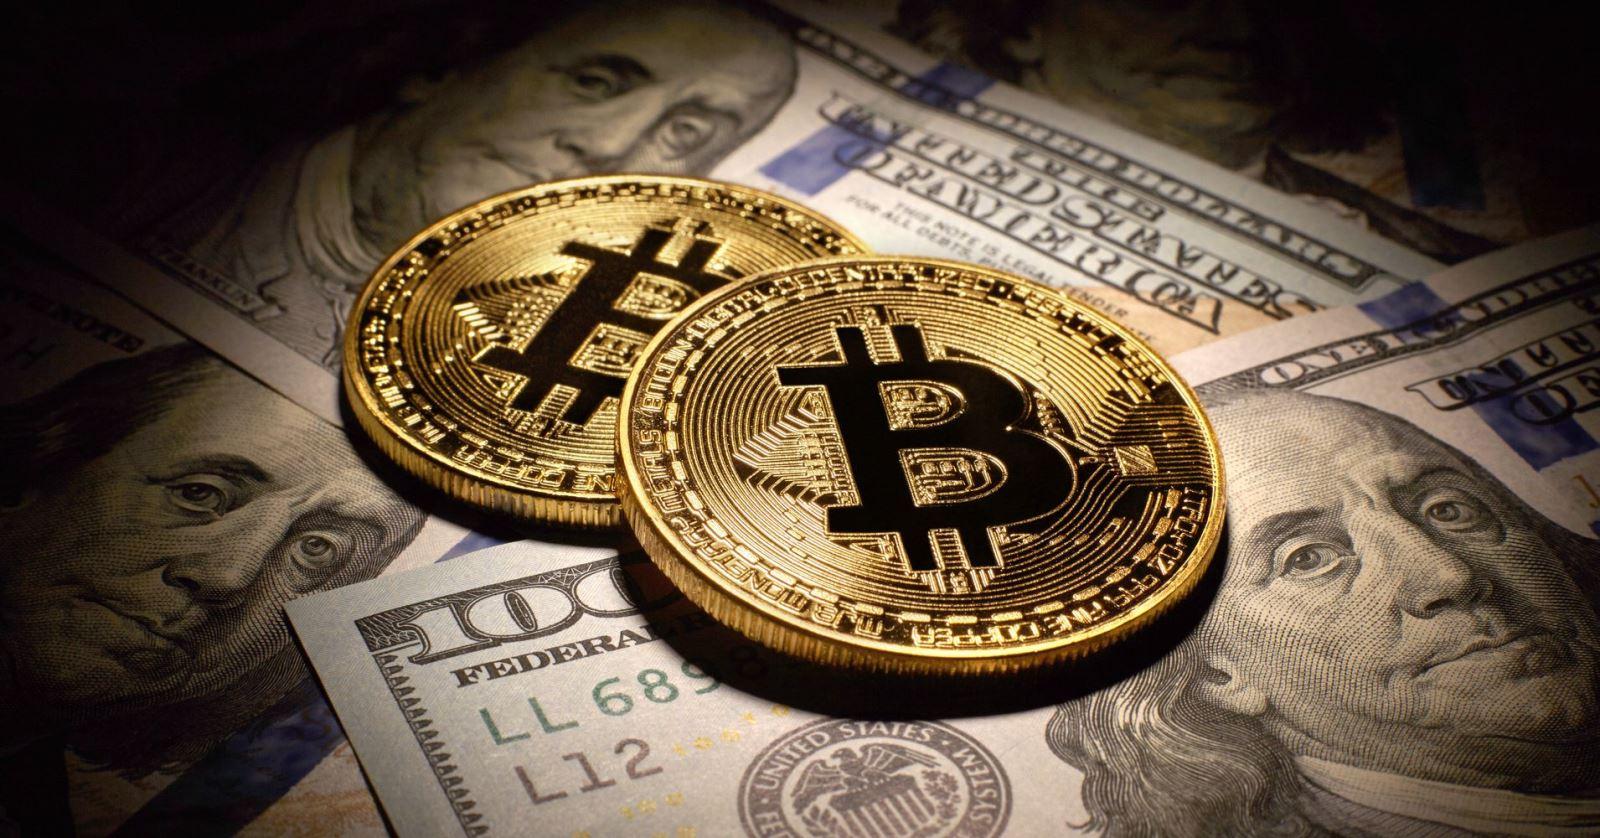 Giá Bitcoin hôm nay 5/3: Thị trường tiền ảo ngập tràn sắc đỏ